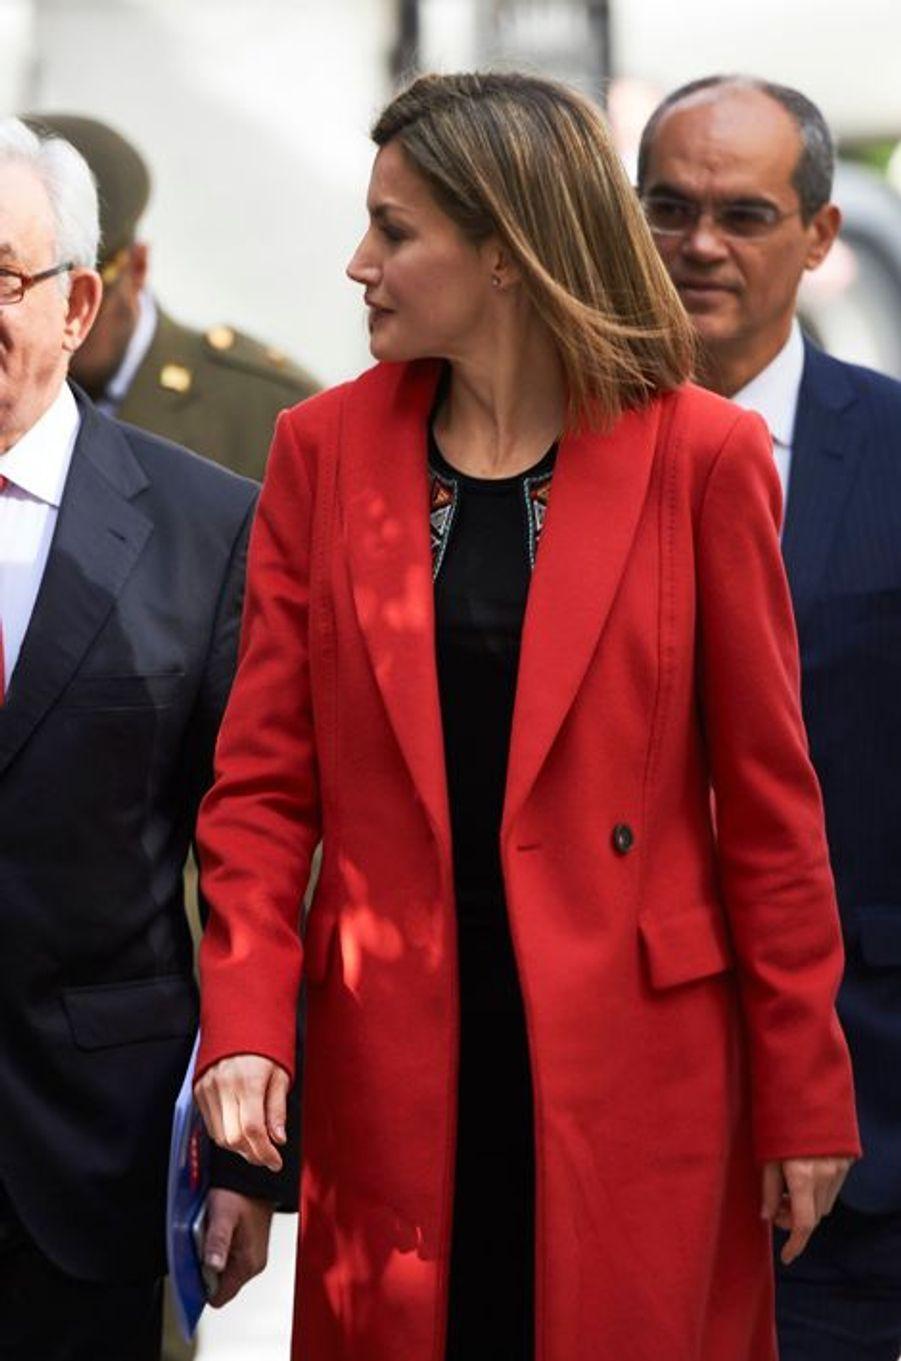 La reine Letizia d'Espagne à Madrid, le 22 février 2016